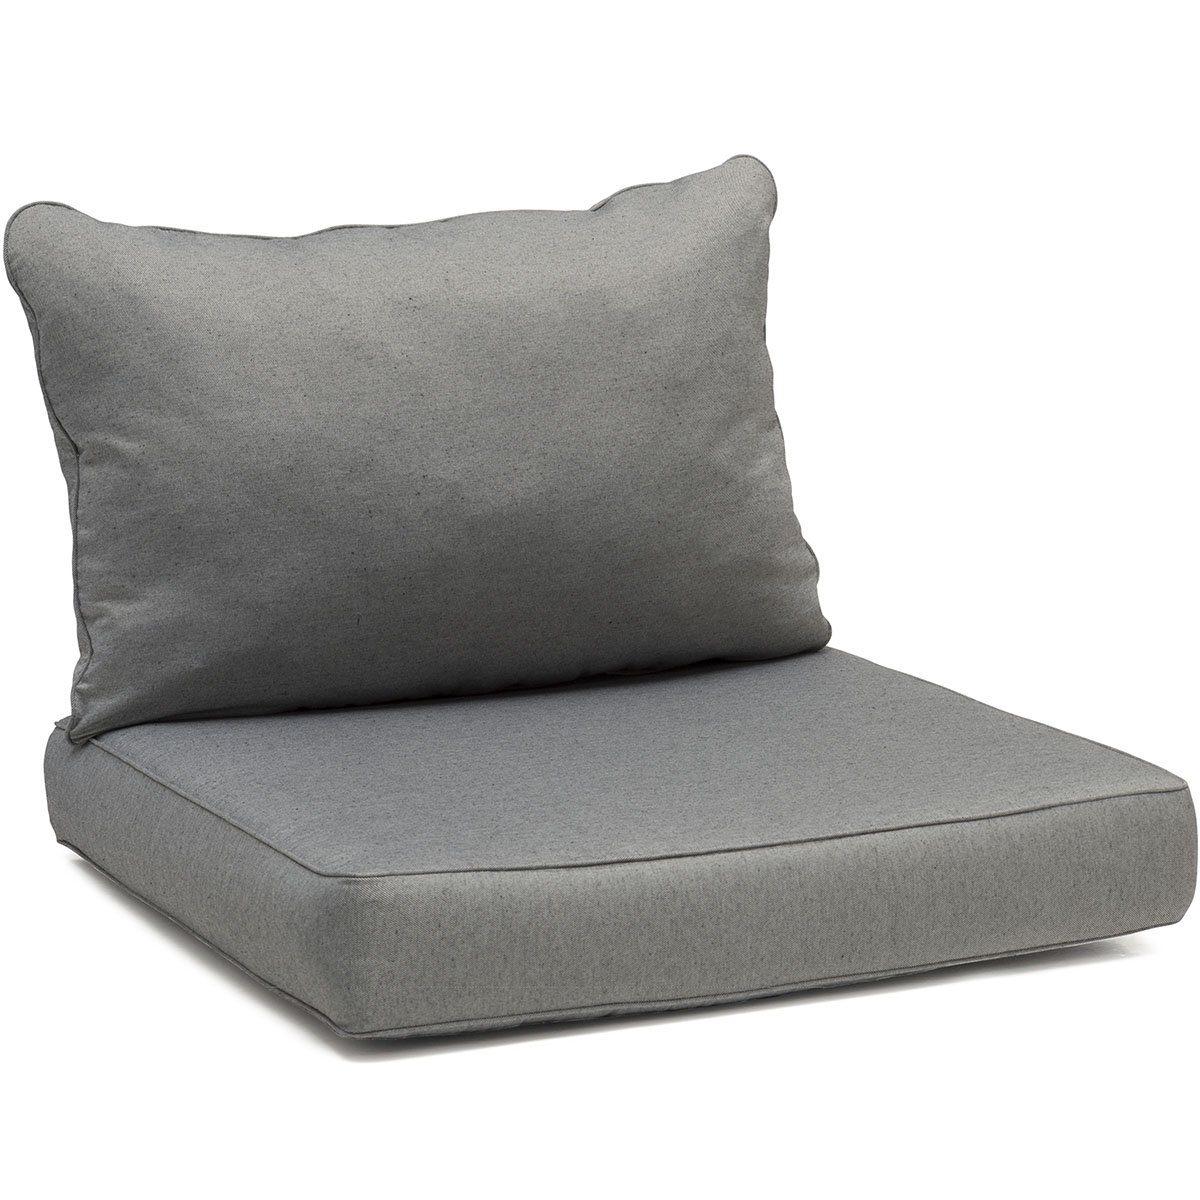 Litnäs sits- och ryggdyna i grått för mittdel.